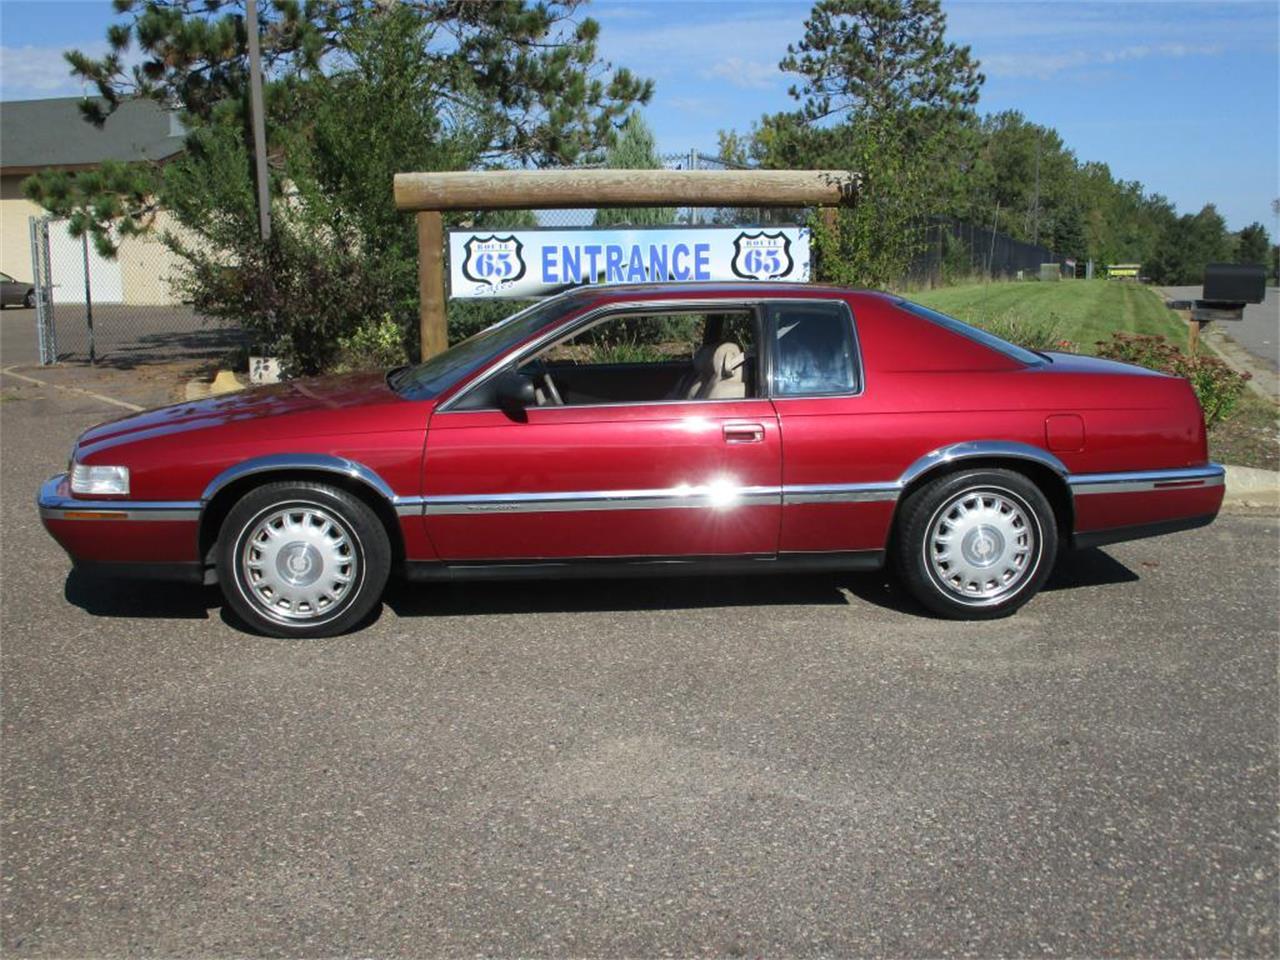 1992 cadillac eldorado for sale classiccars com cc 1047974 1992 cadillac eldorado for sale